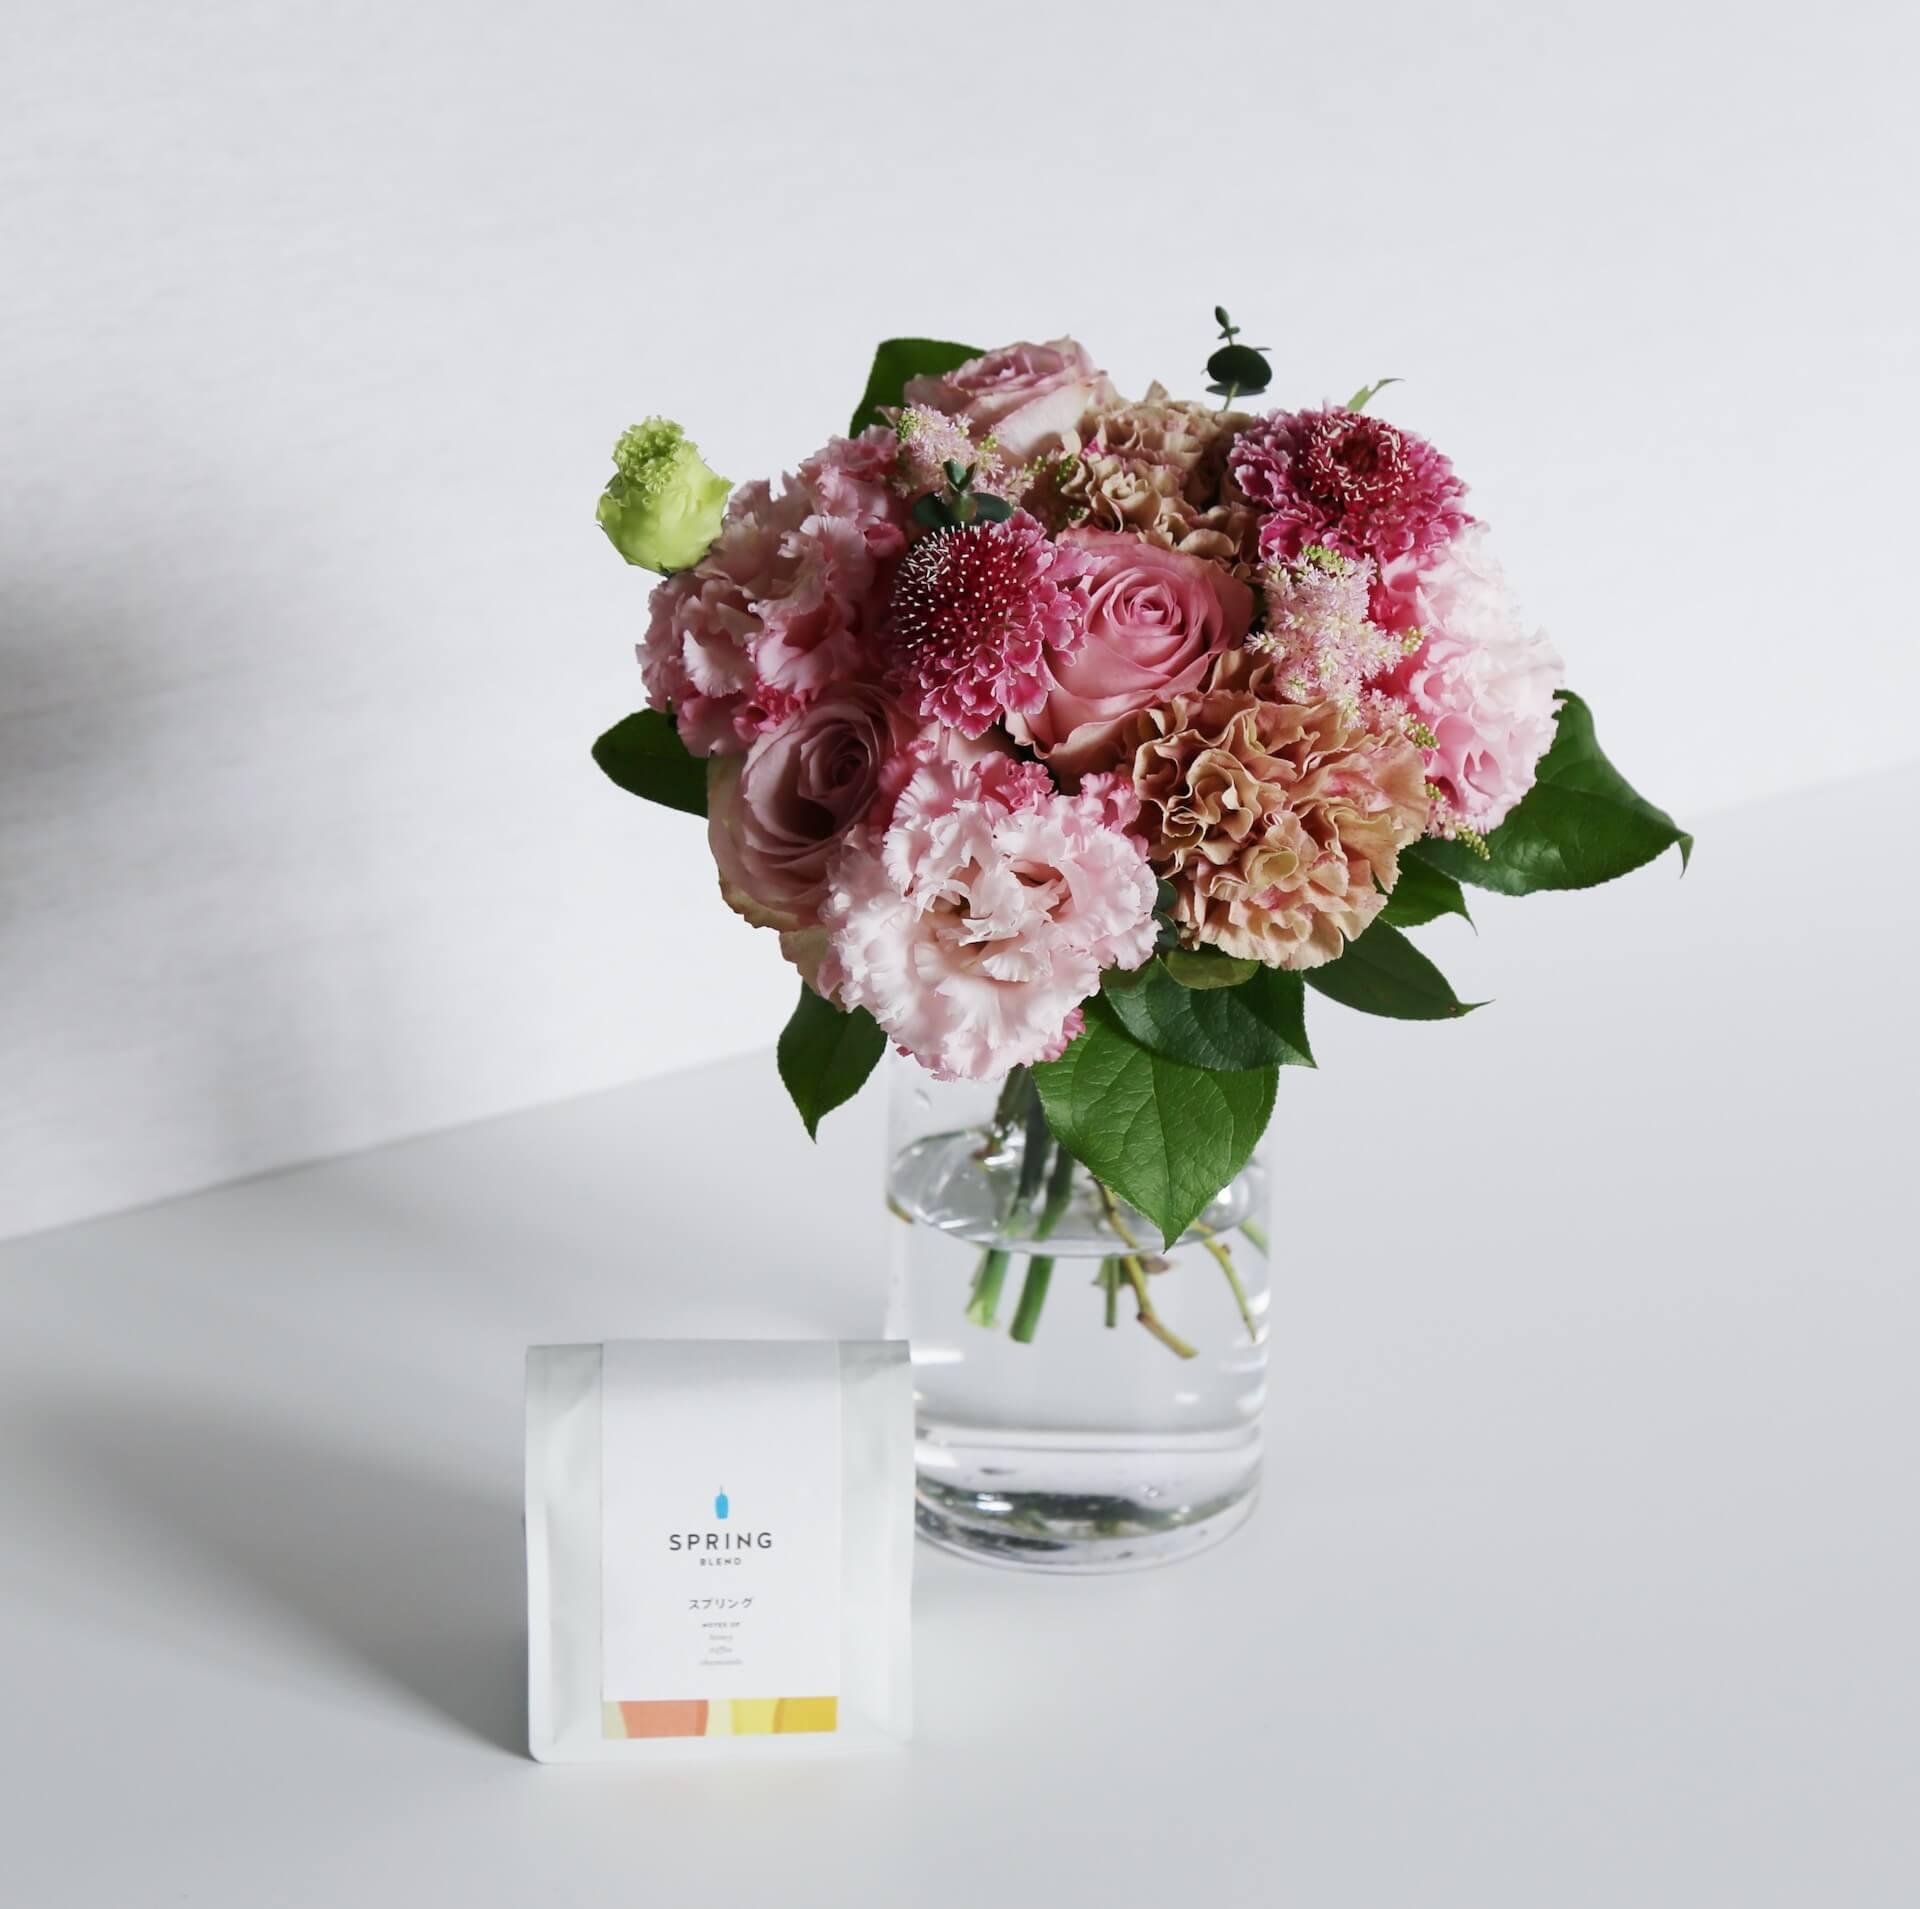 季節の花とコーヒーの母の日ギフトが登場!フラワーアレンジメント、ブーケと「スプリングブレンド」コーヒーがセットに lf200428_mothersdaygift_03